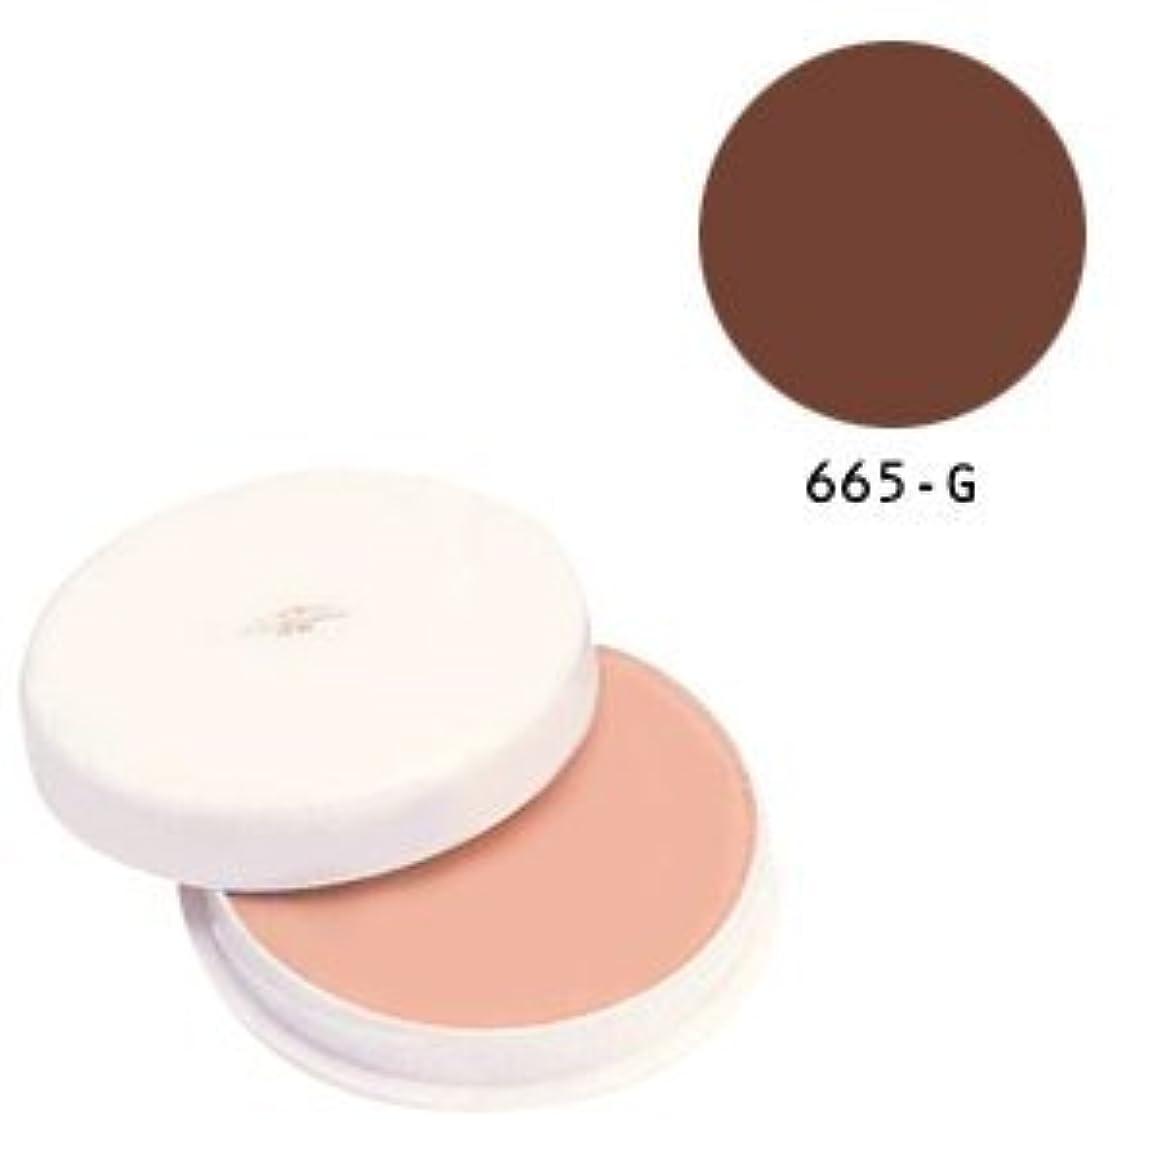 三善 フェースケーキ ファンデーション コスプレメイク 舞台メイク 665-G #カラー:ブラウン系